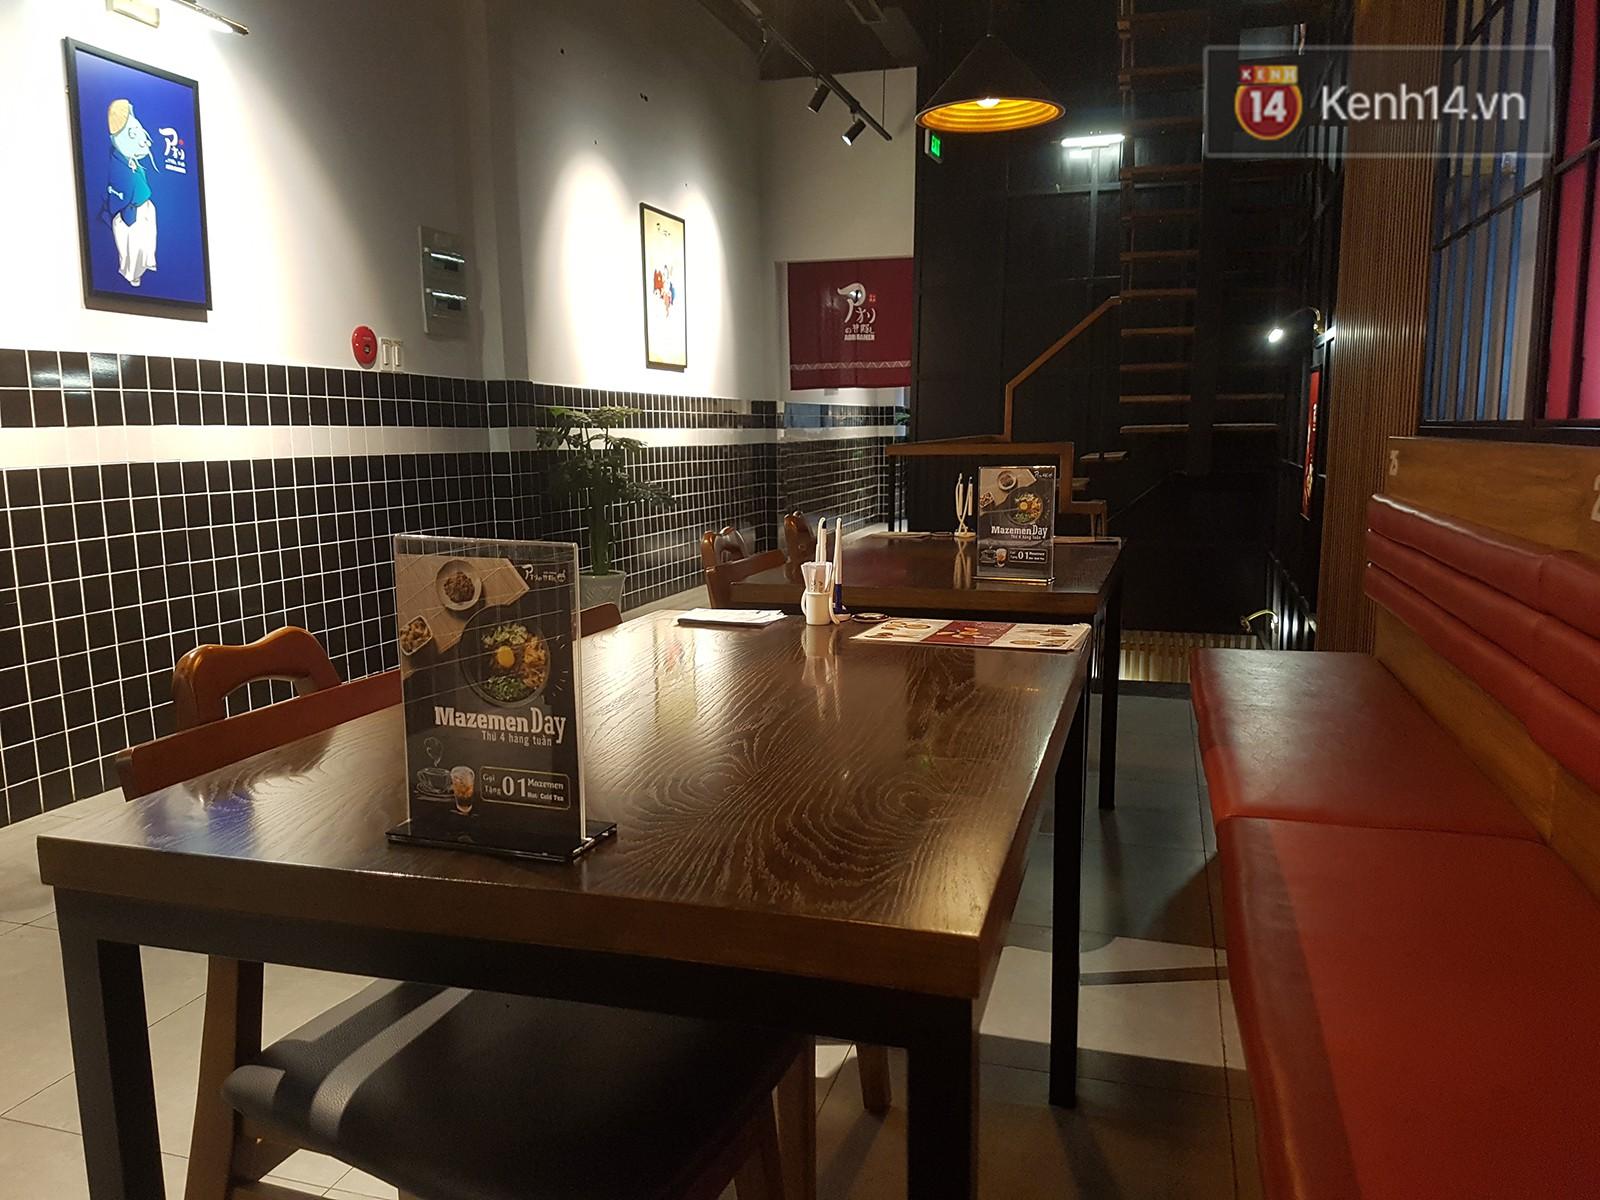 Không hơn gì bên Hàn, quán mì của Seungri tại Việt Nam cũng vắng khách: Đúng là không cần phải chờ nữa rồi! - Ảnh 5.